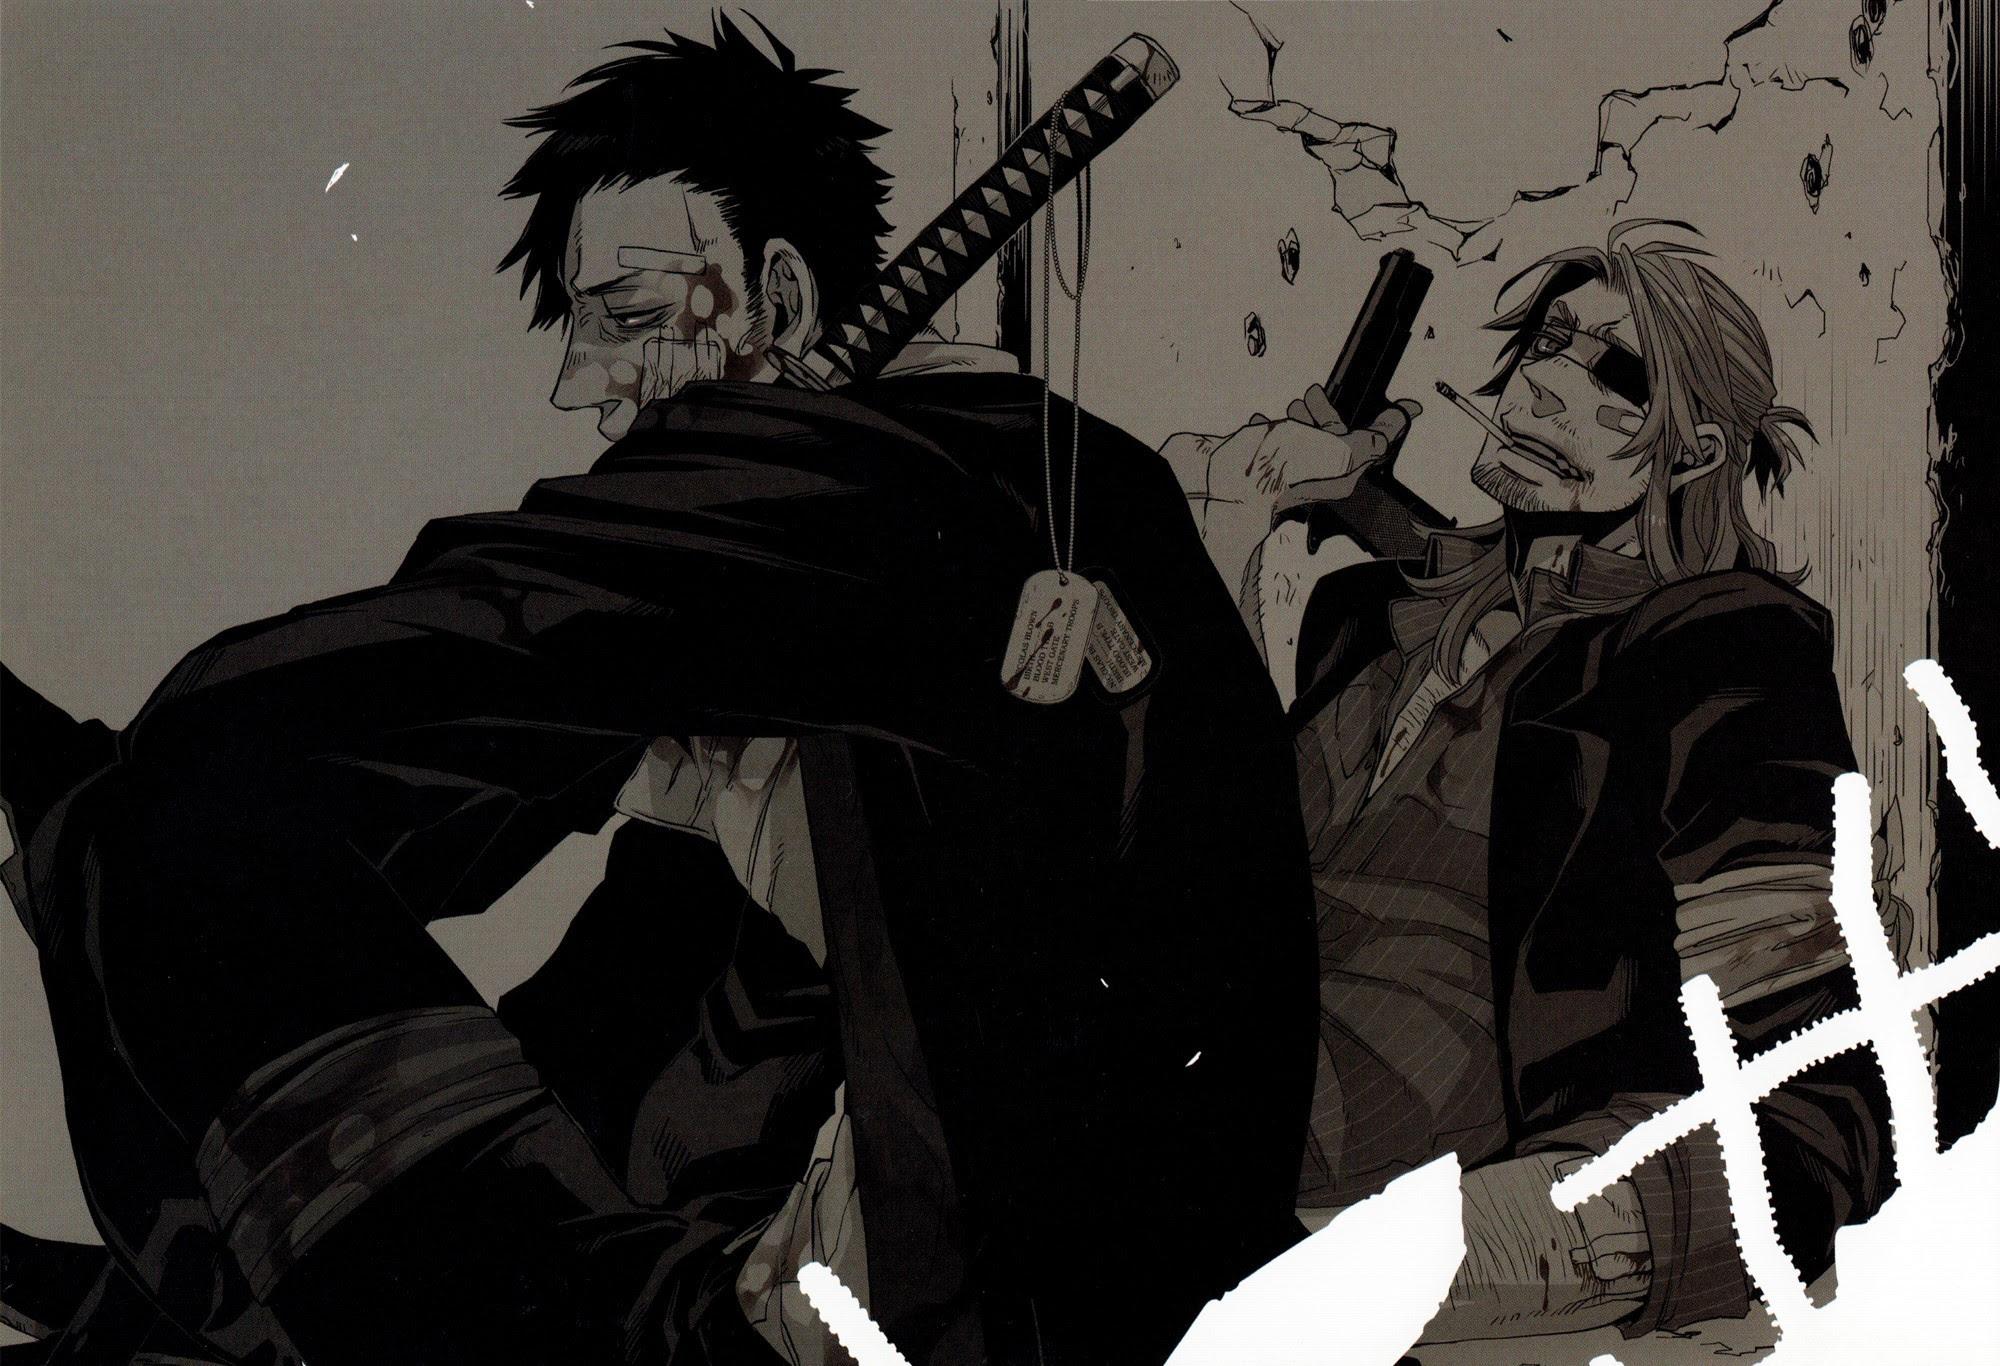 Gangsta Anime Wallpaper (77+ images)